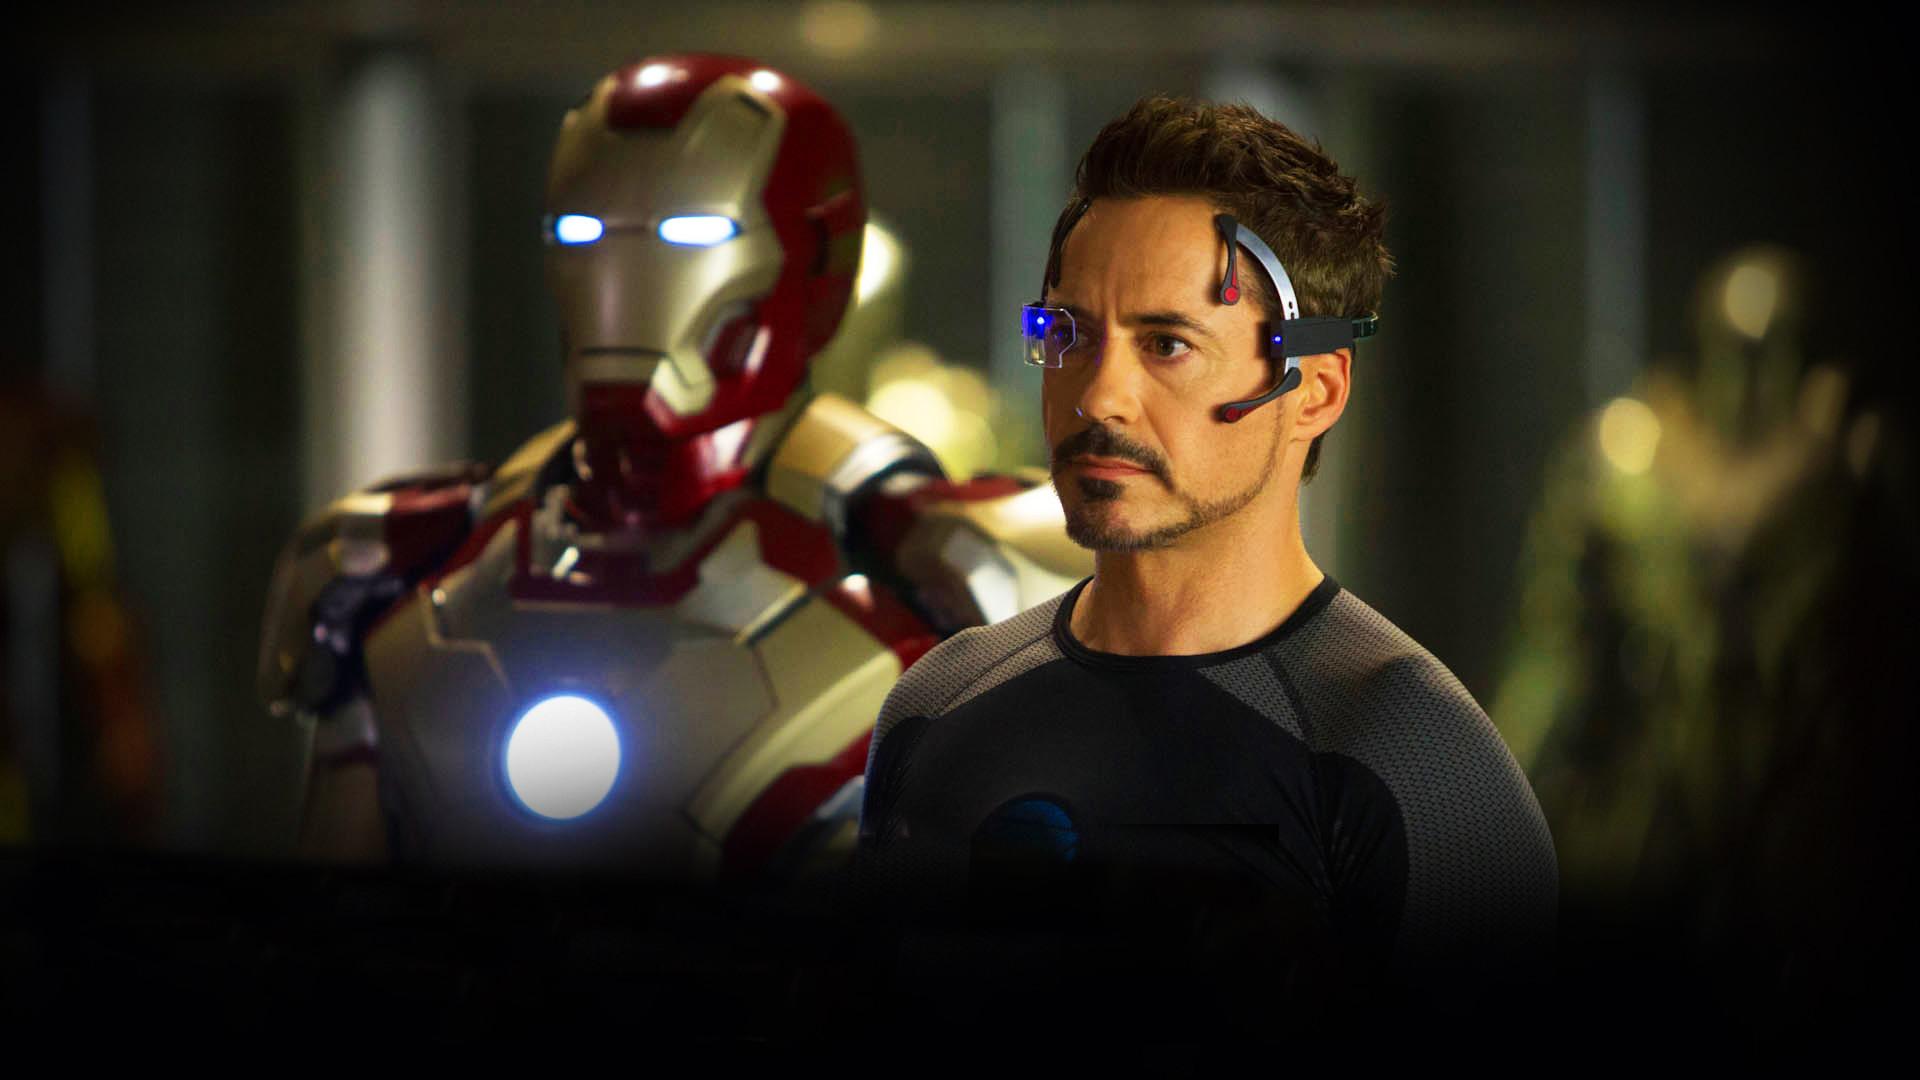 1920x1080 Iron Man Robert Downey Jr 3 Wallpaper